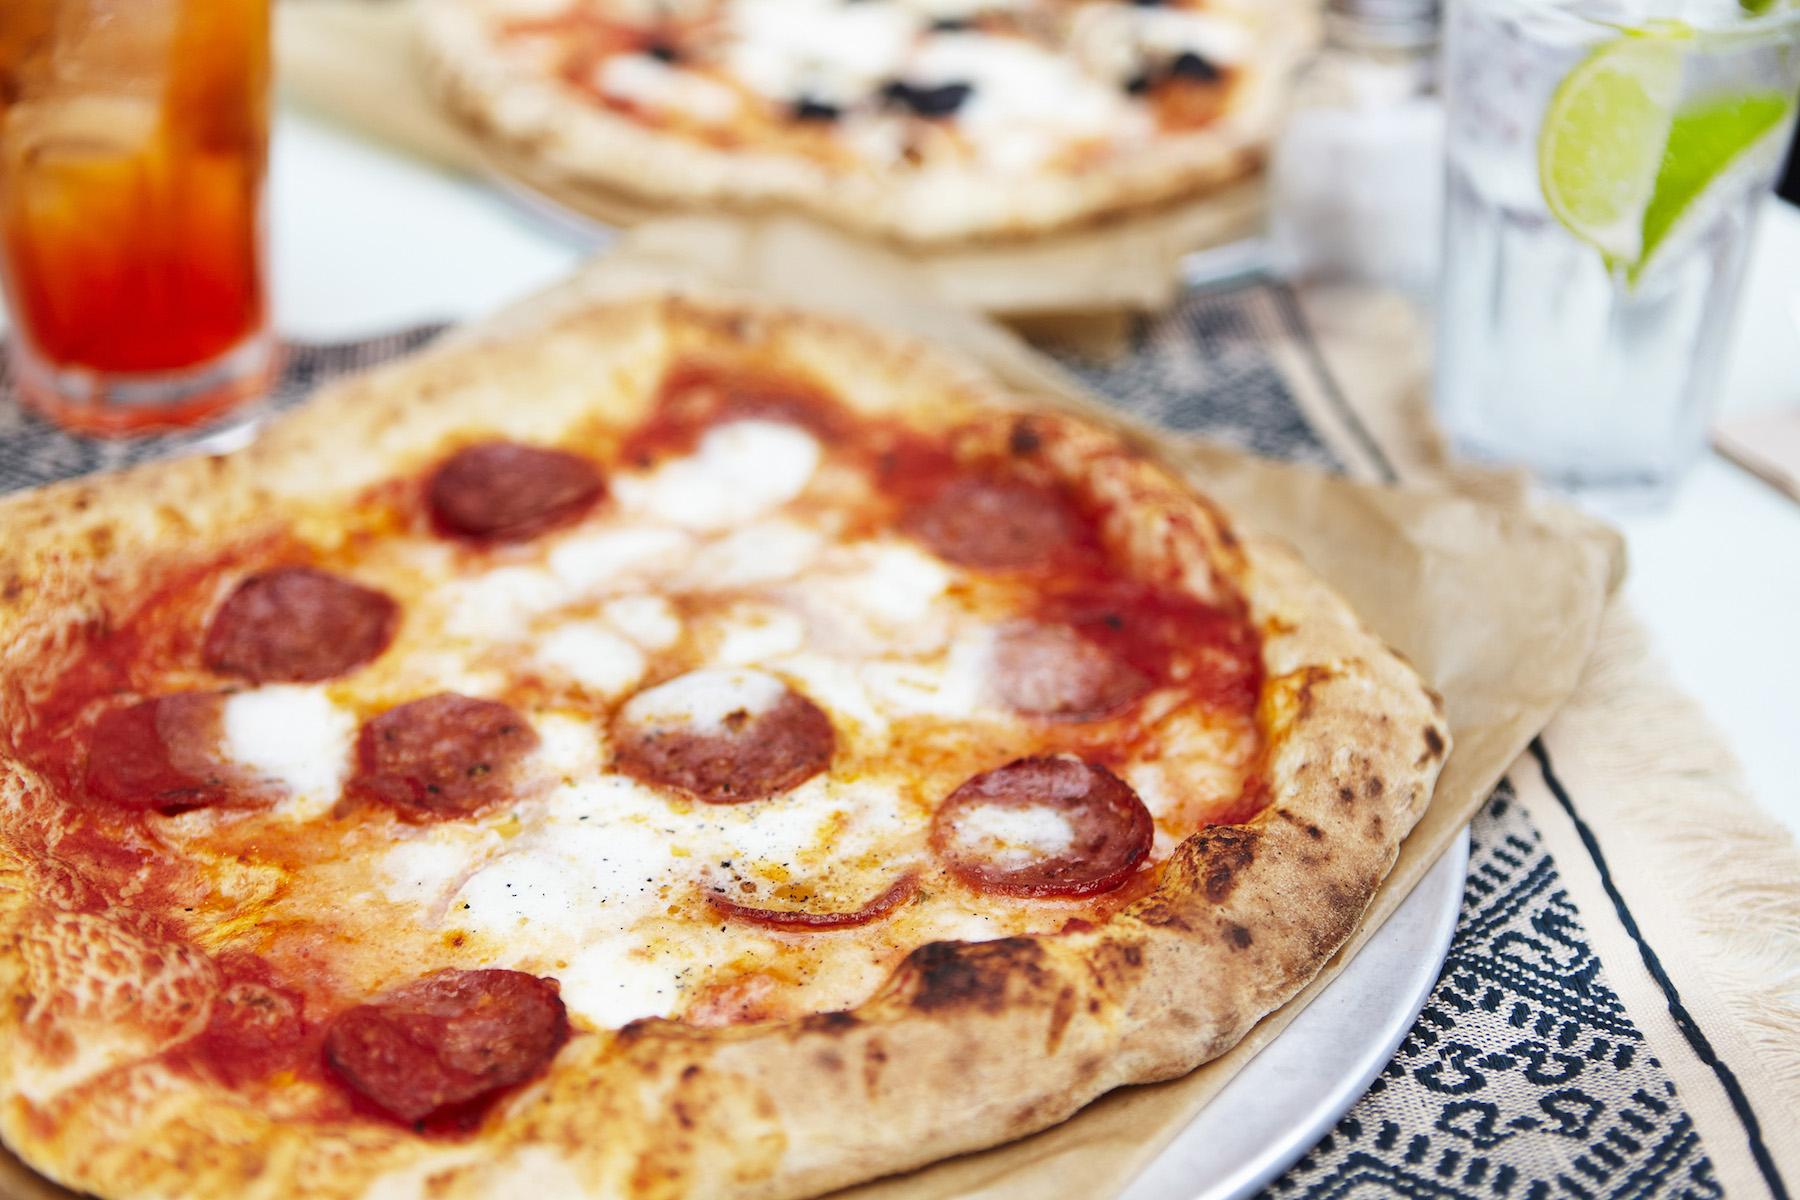 icon-artist-management-katie-hammond-food-pizzas_flat.jpg